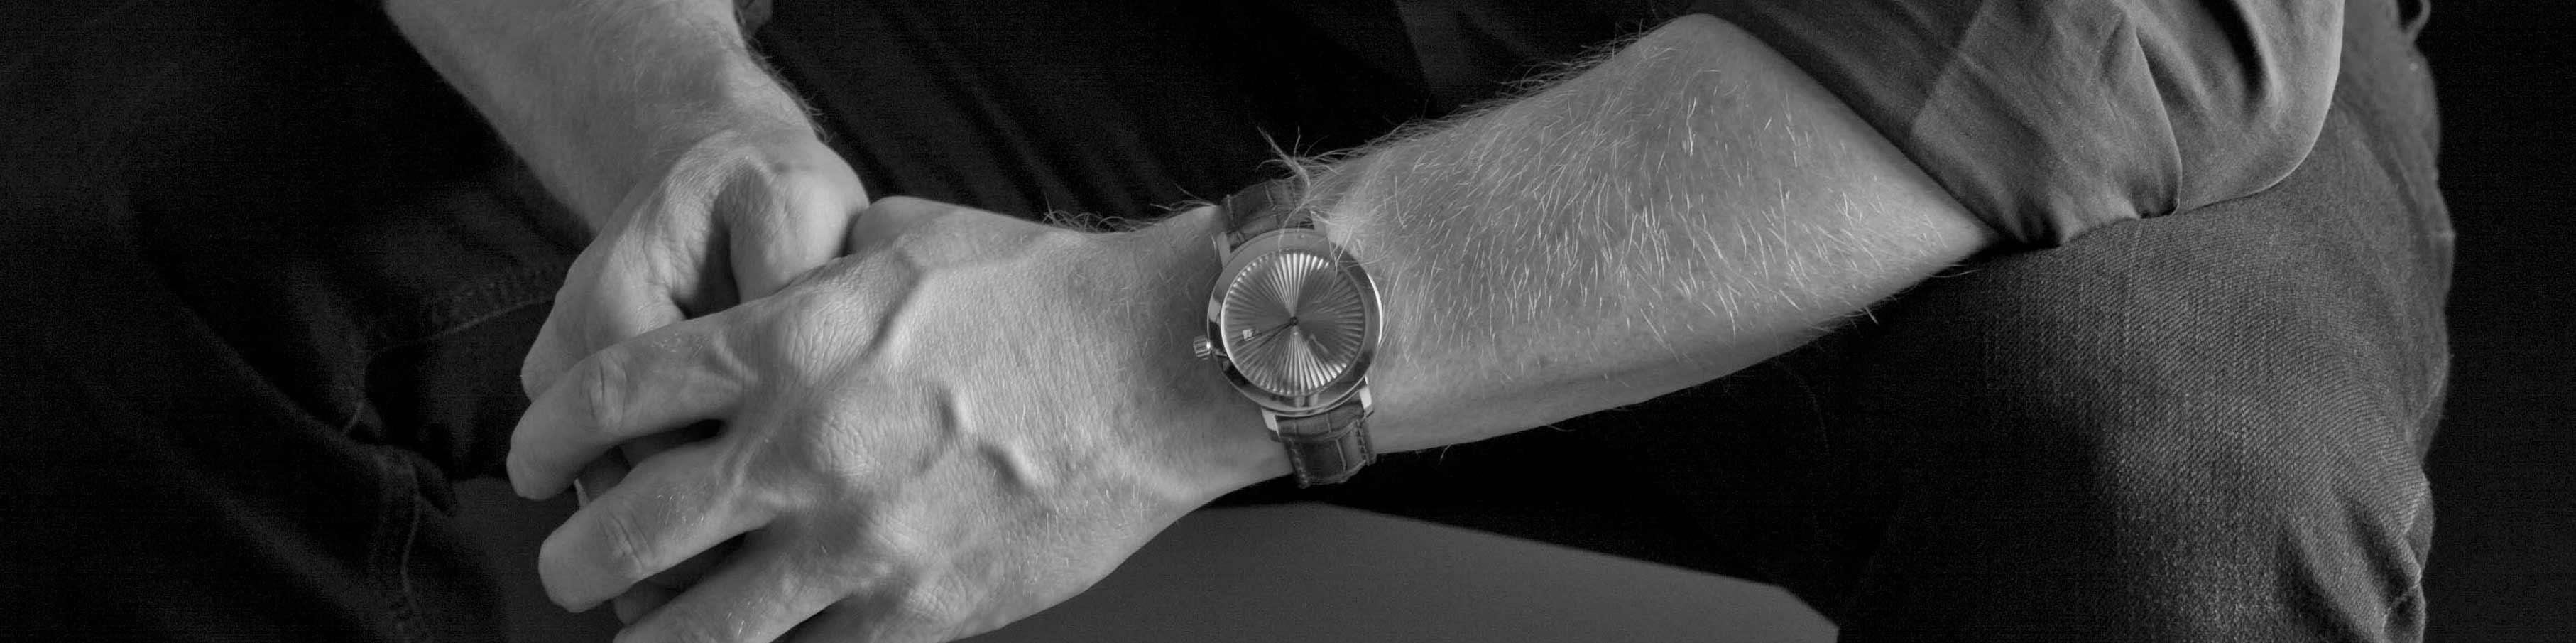 Geelgouden-cober-nr1-handgemaakt-horloge-uitgelicht